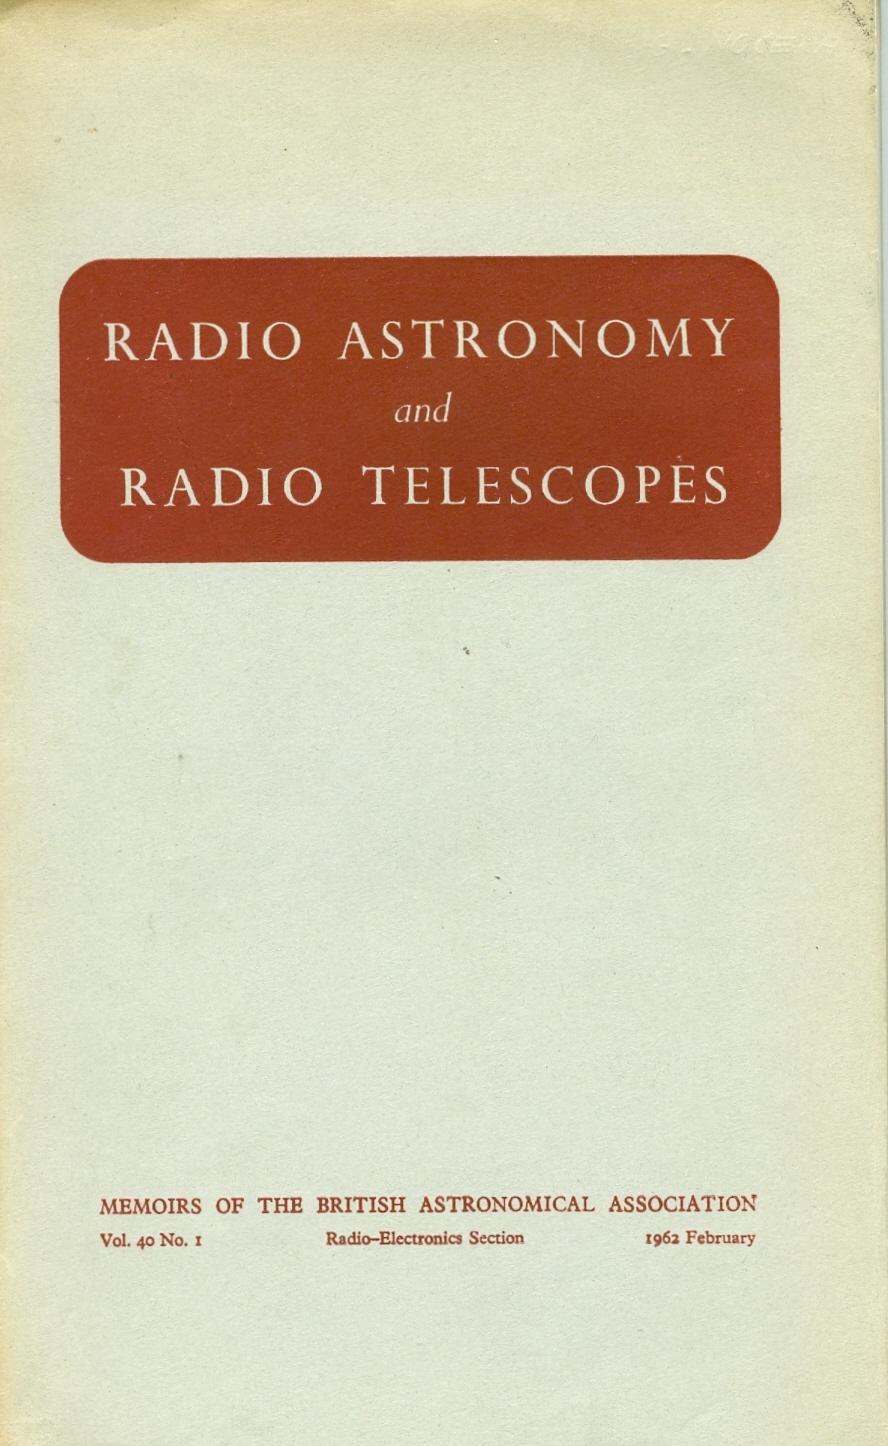 Radio Astronomy and Radio Telescopes